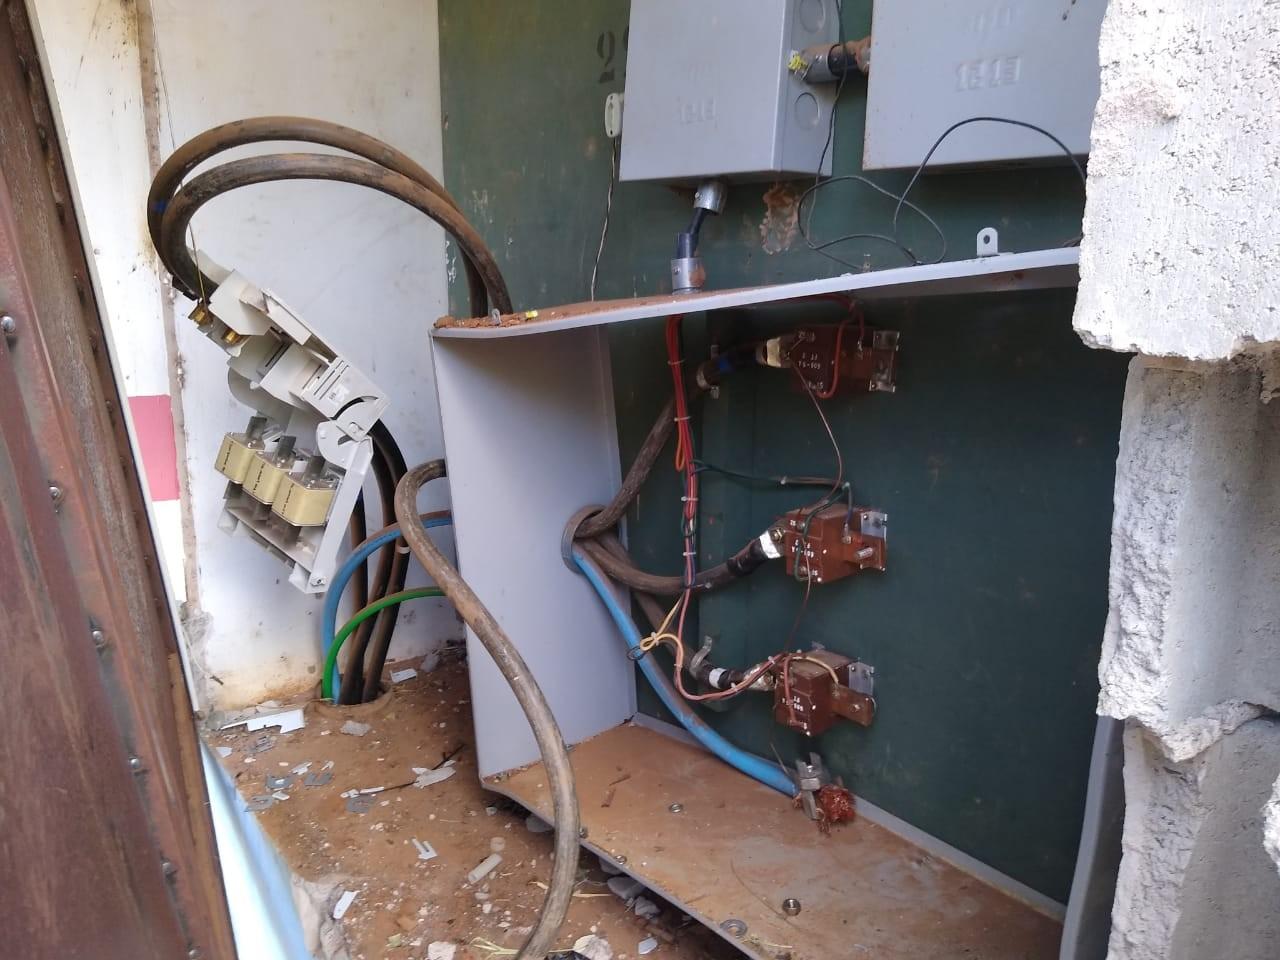 Vândalos danificam caixa de energia em poço e prejudicam abastecimento de água em Bauru